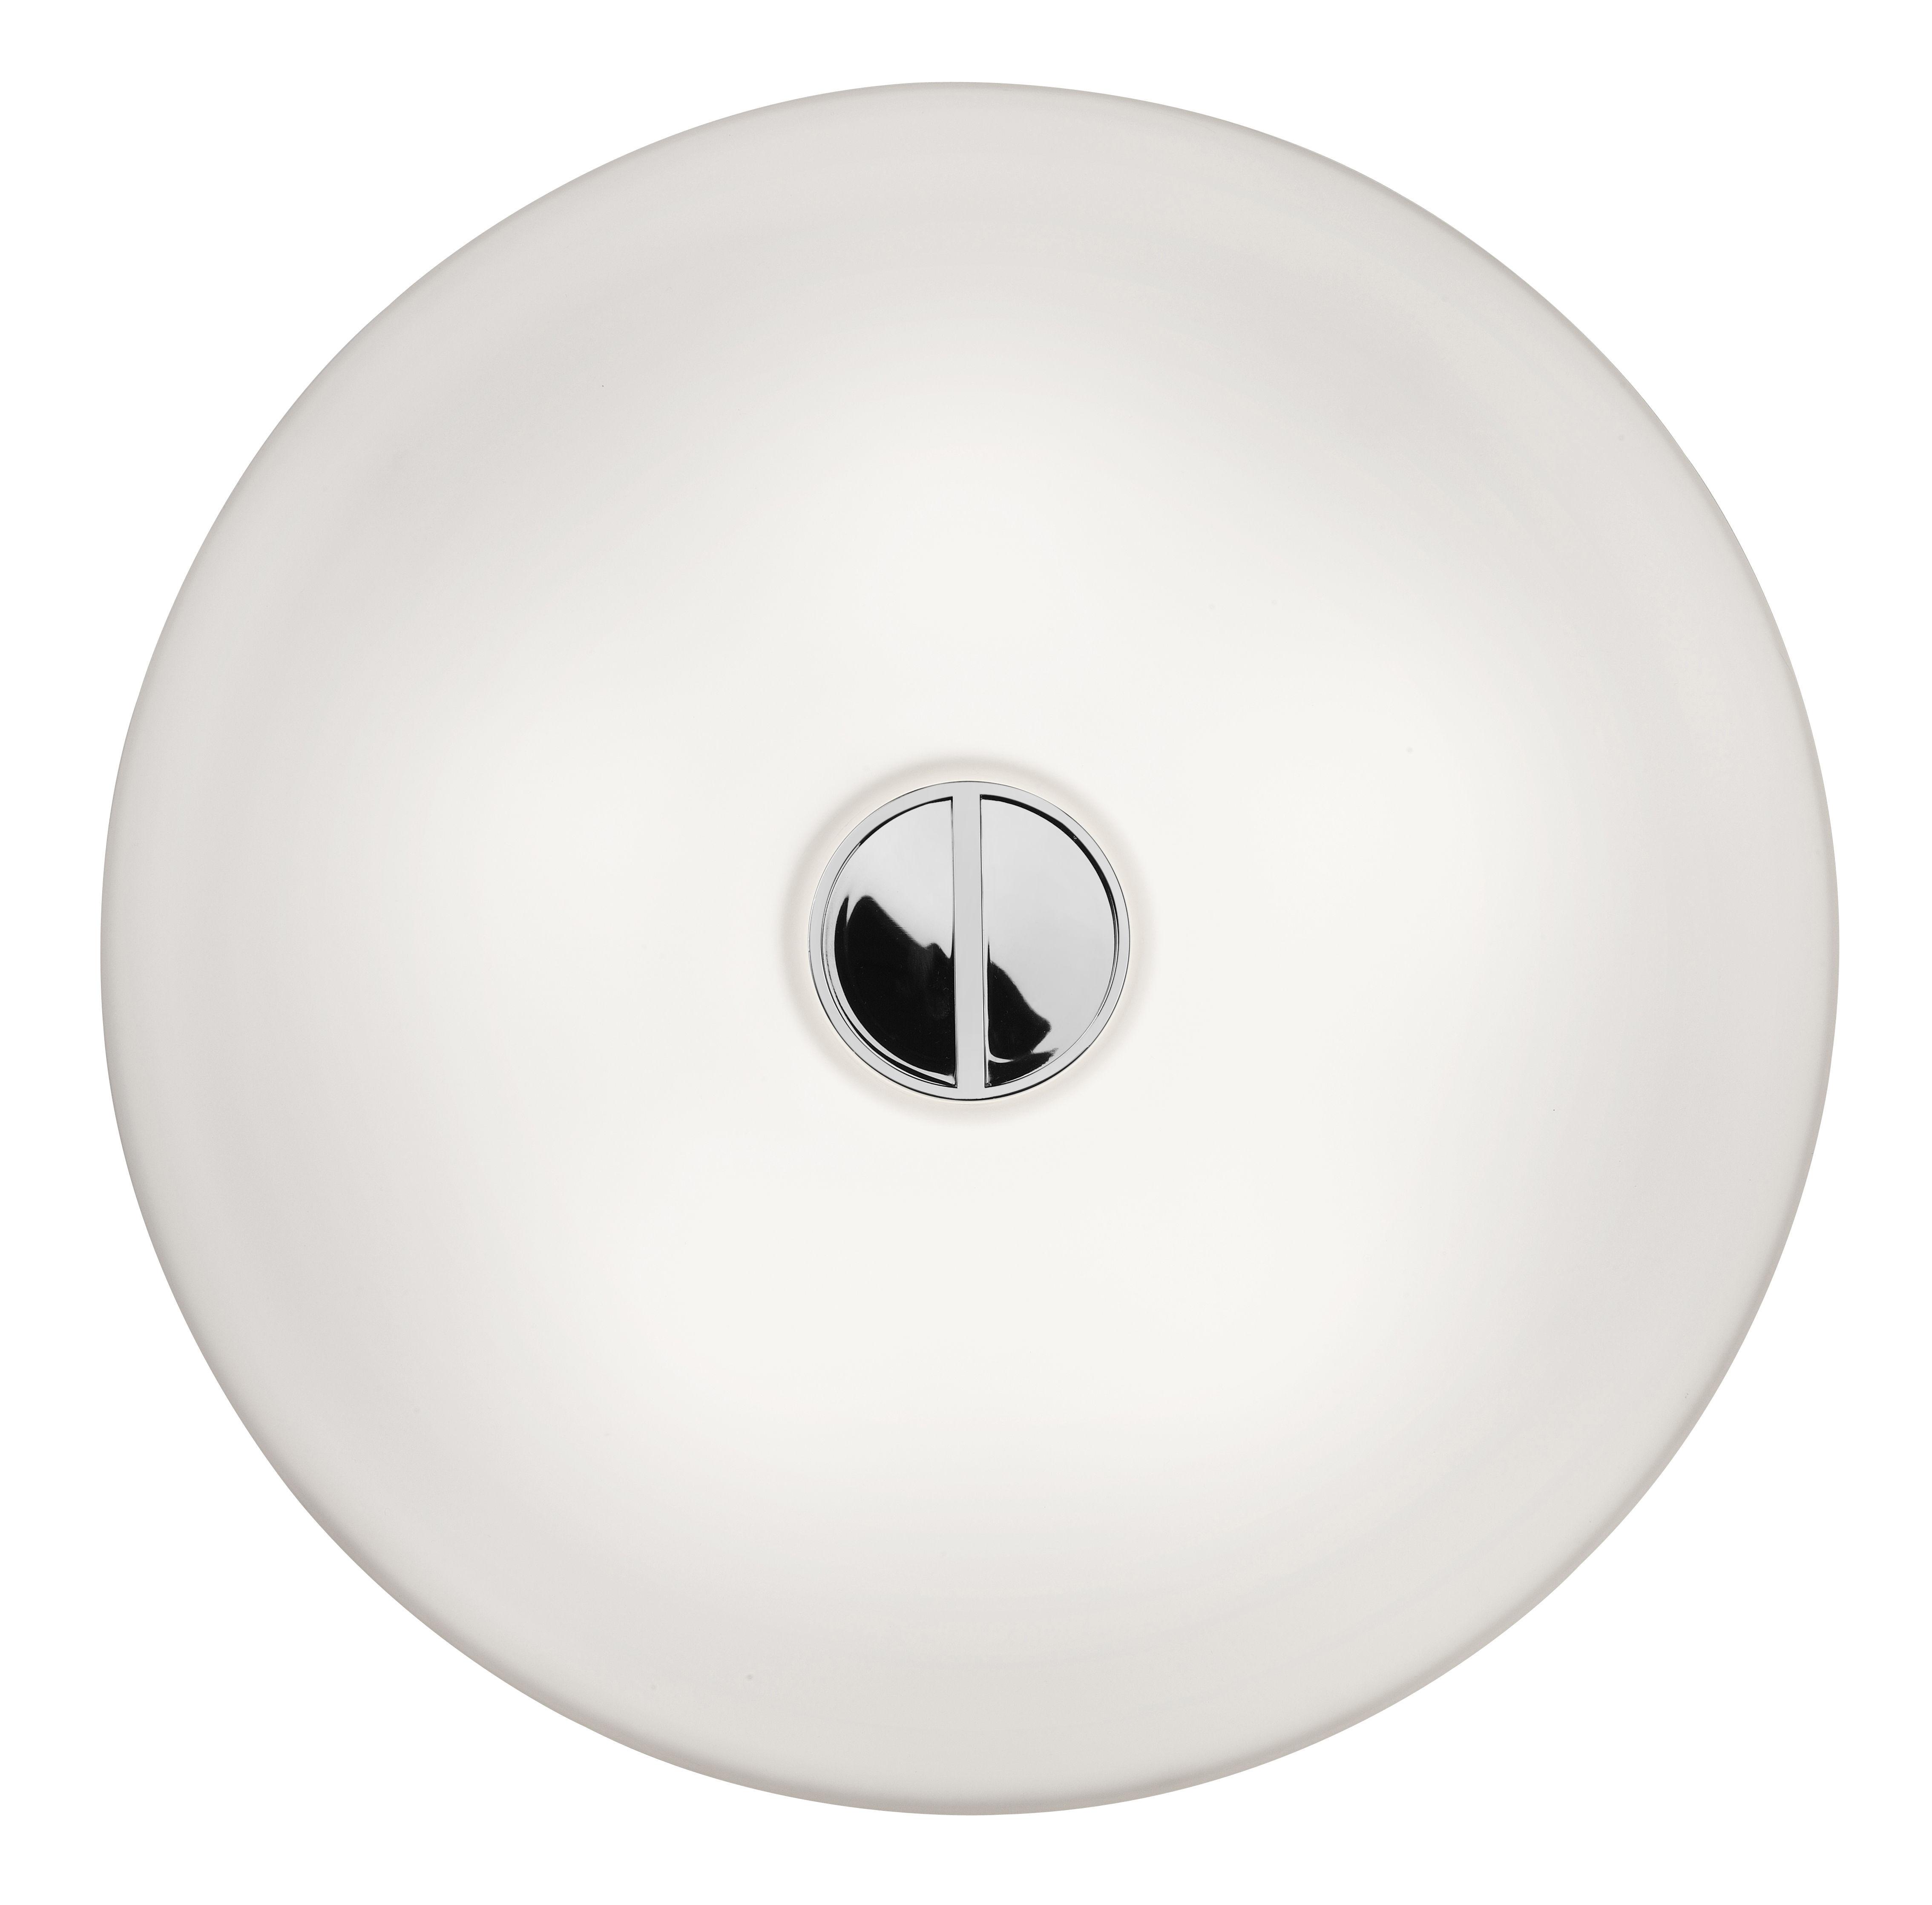 Luminaire - Appliques - Applique Mini Button INDOOR / Plafonnier - Ø 14 cm / Verre - Flos - Ø 14 cm / Blanc - Verre